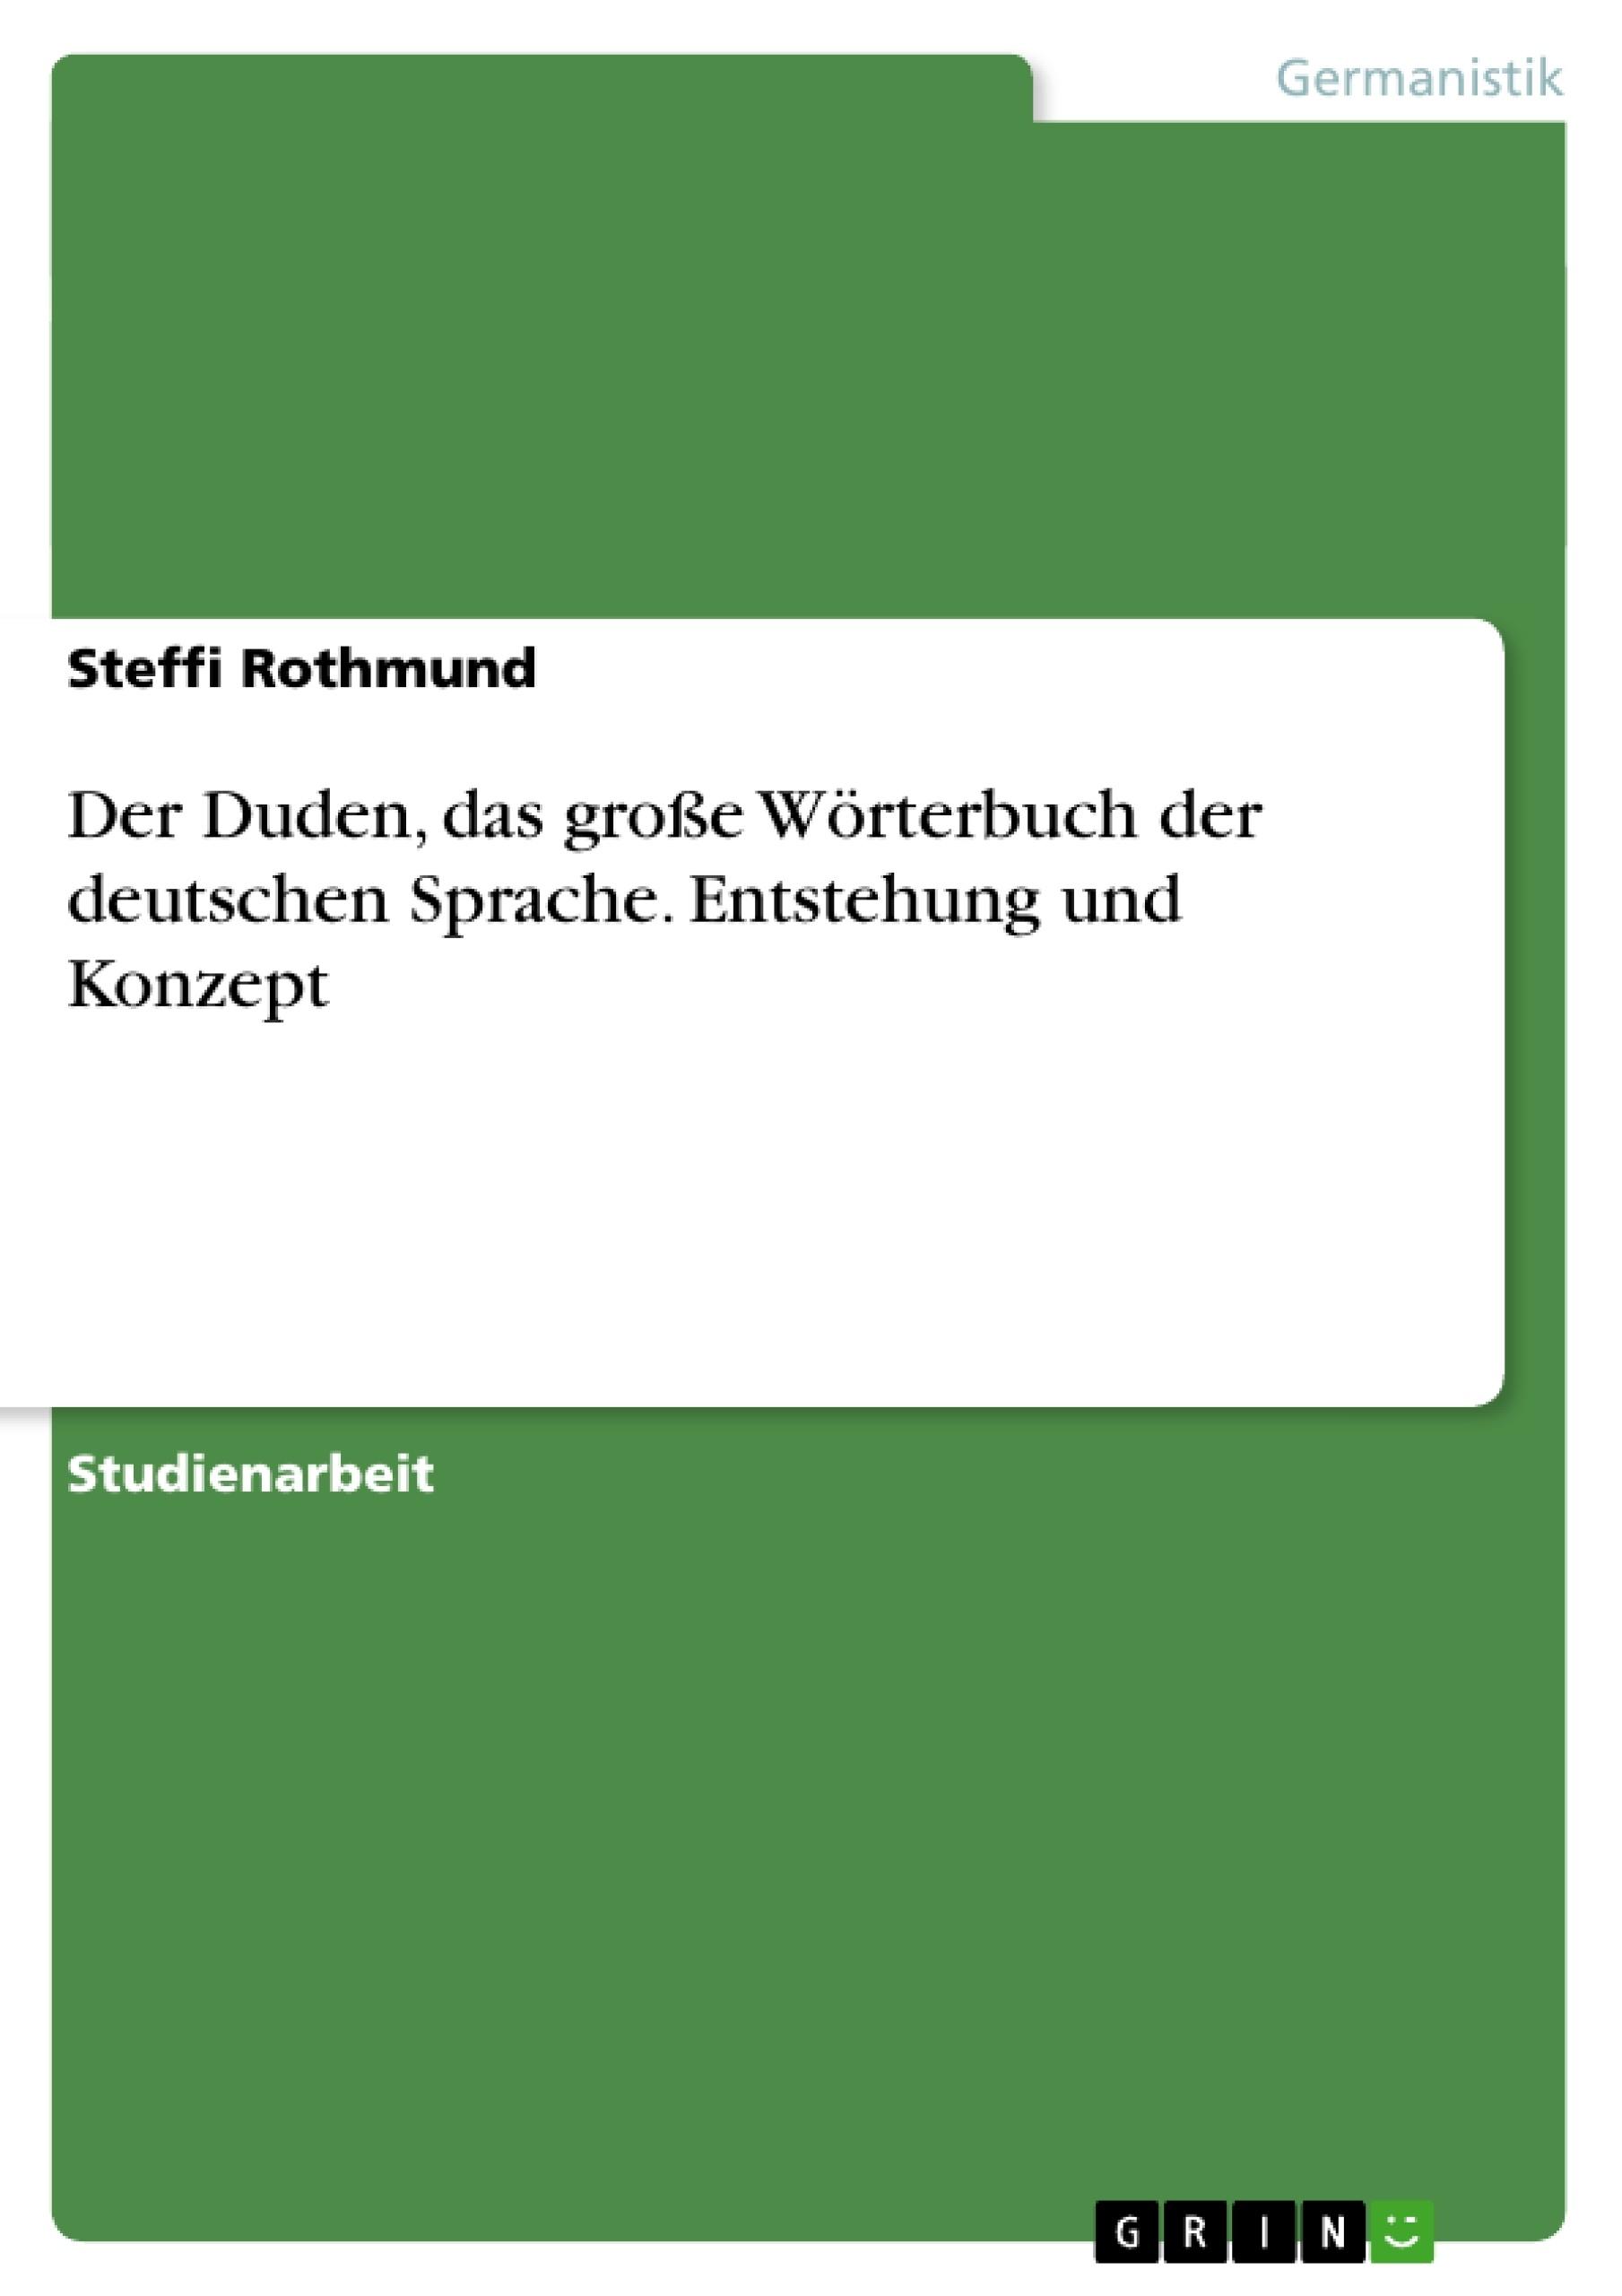 Titel: Der Duden, das große Wörterbuch der deutschen Sprache. Entstehung und Konzept